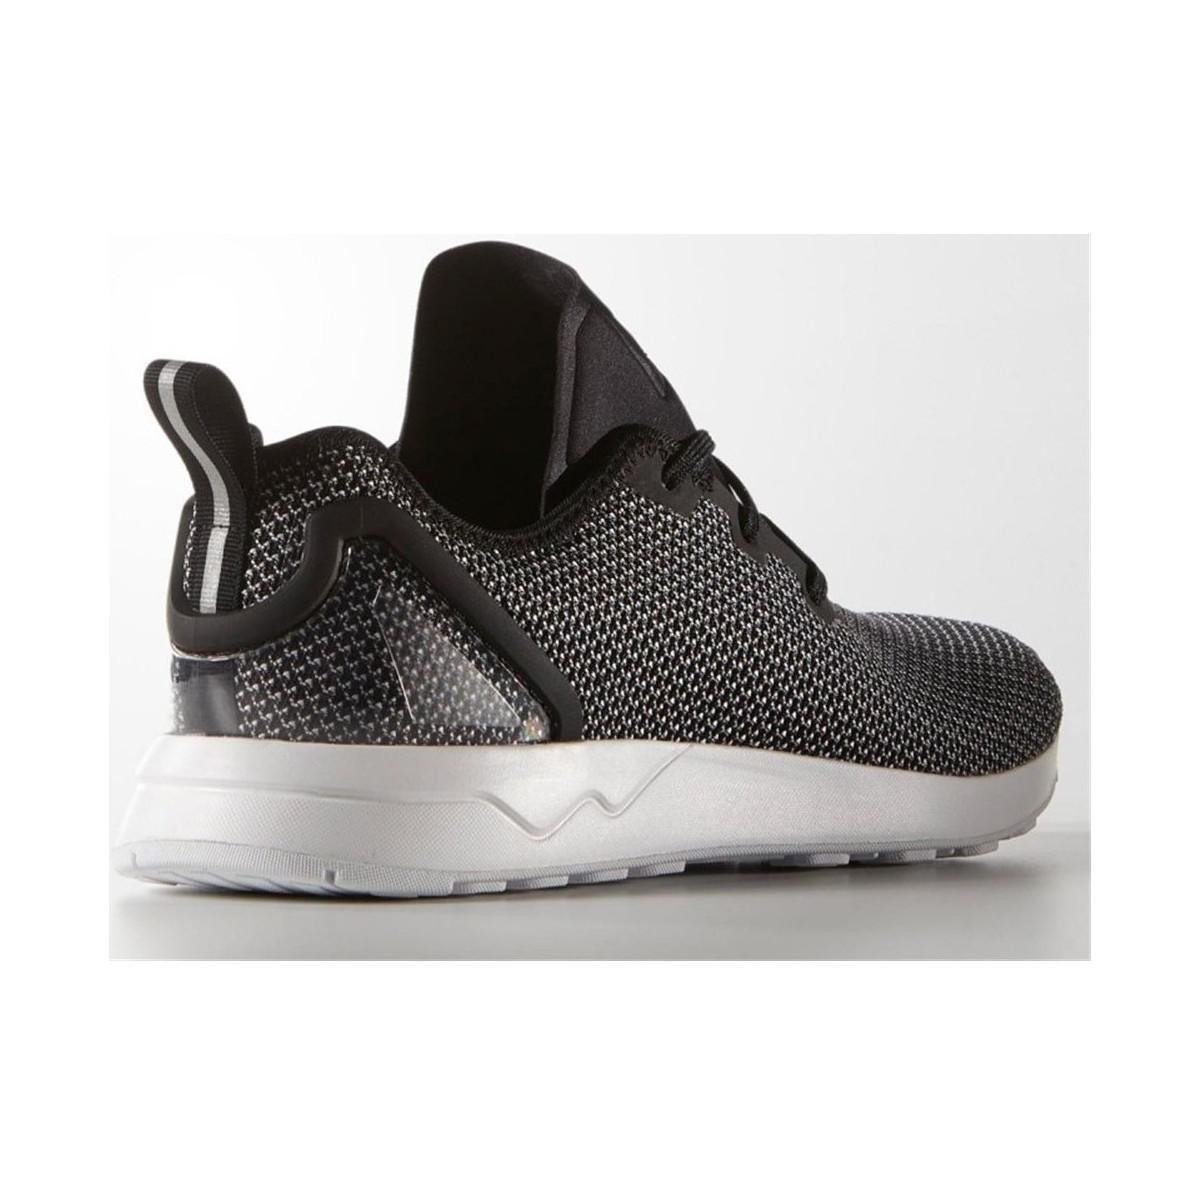 adidas zx flusso avanzata asimmetrici scarpe da uomo (formatori) in nero